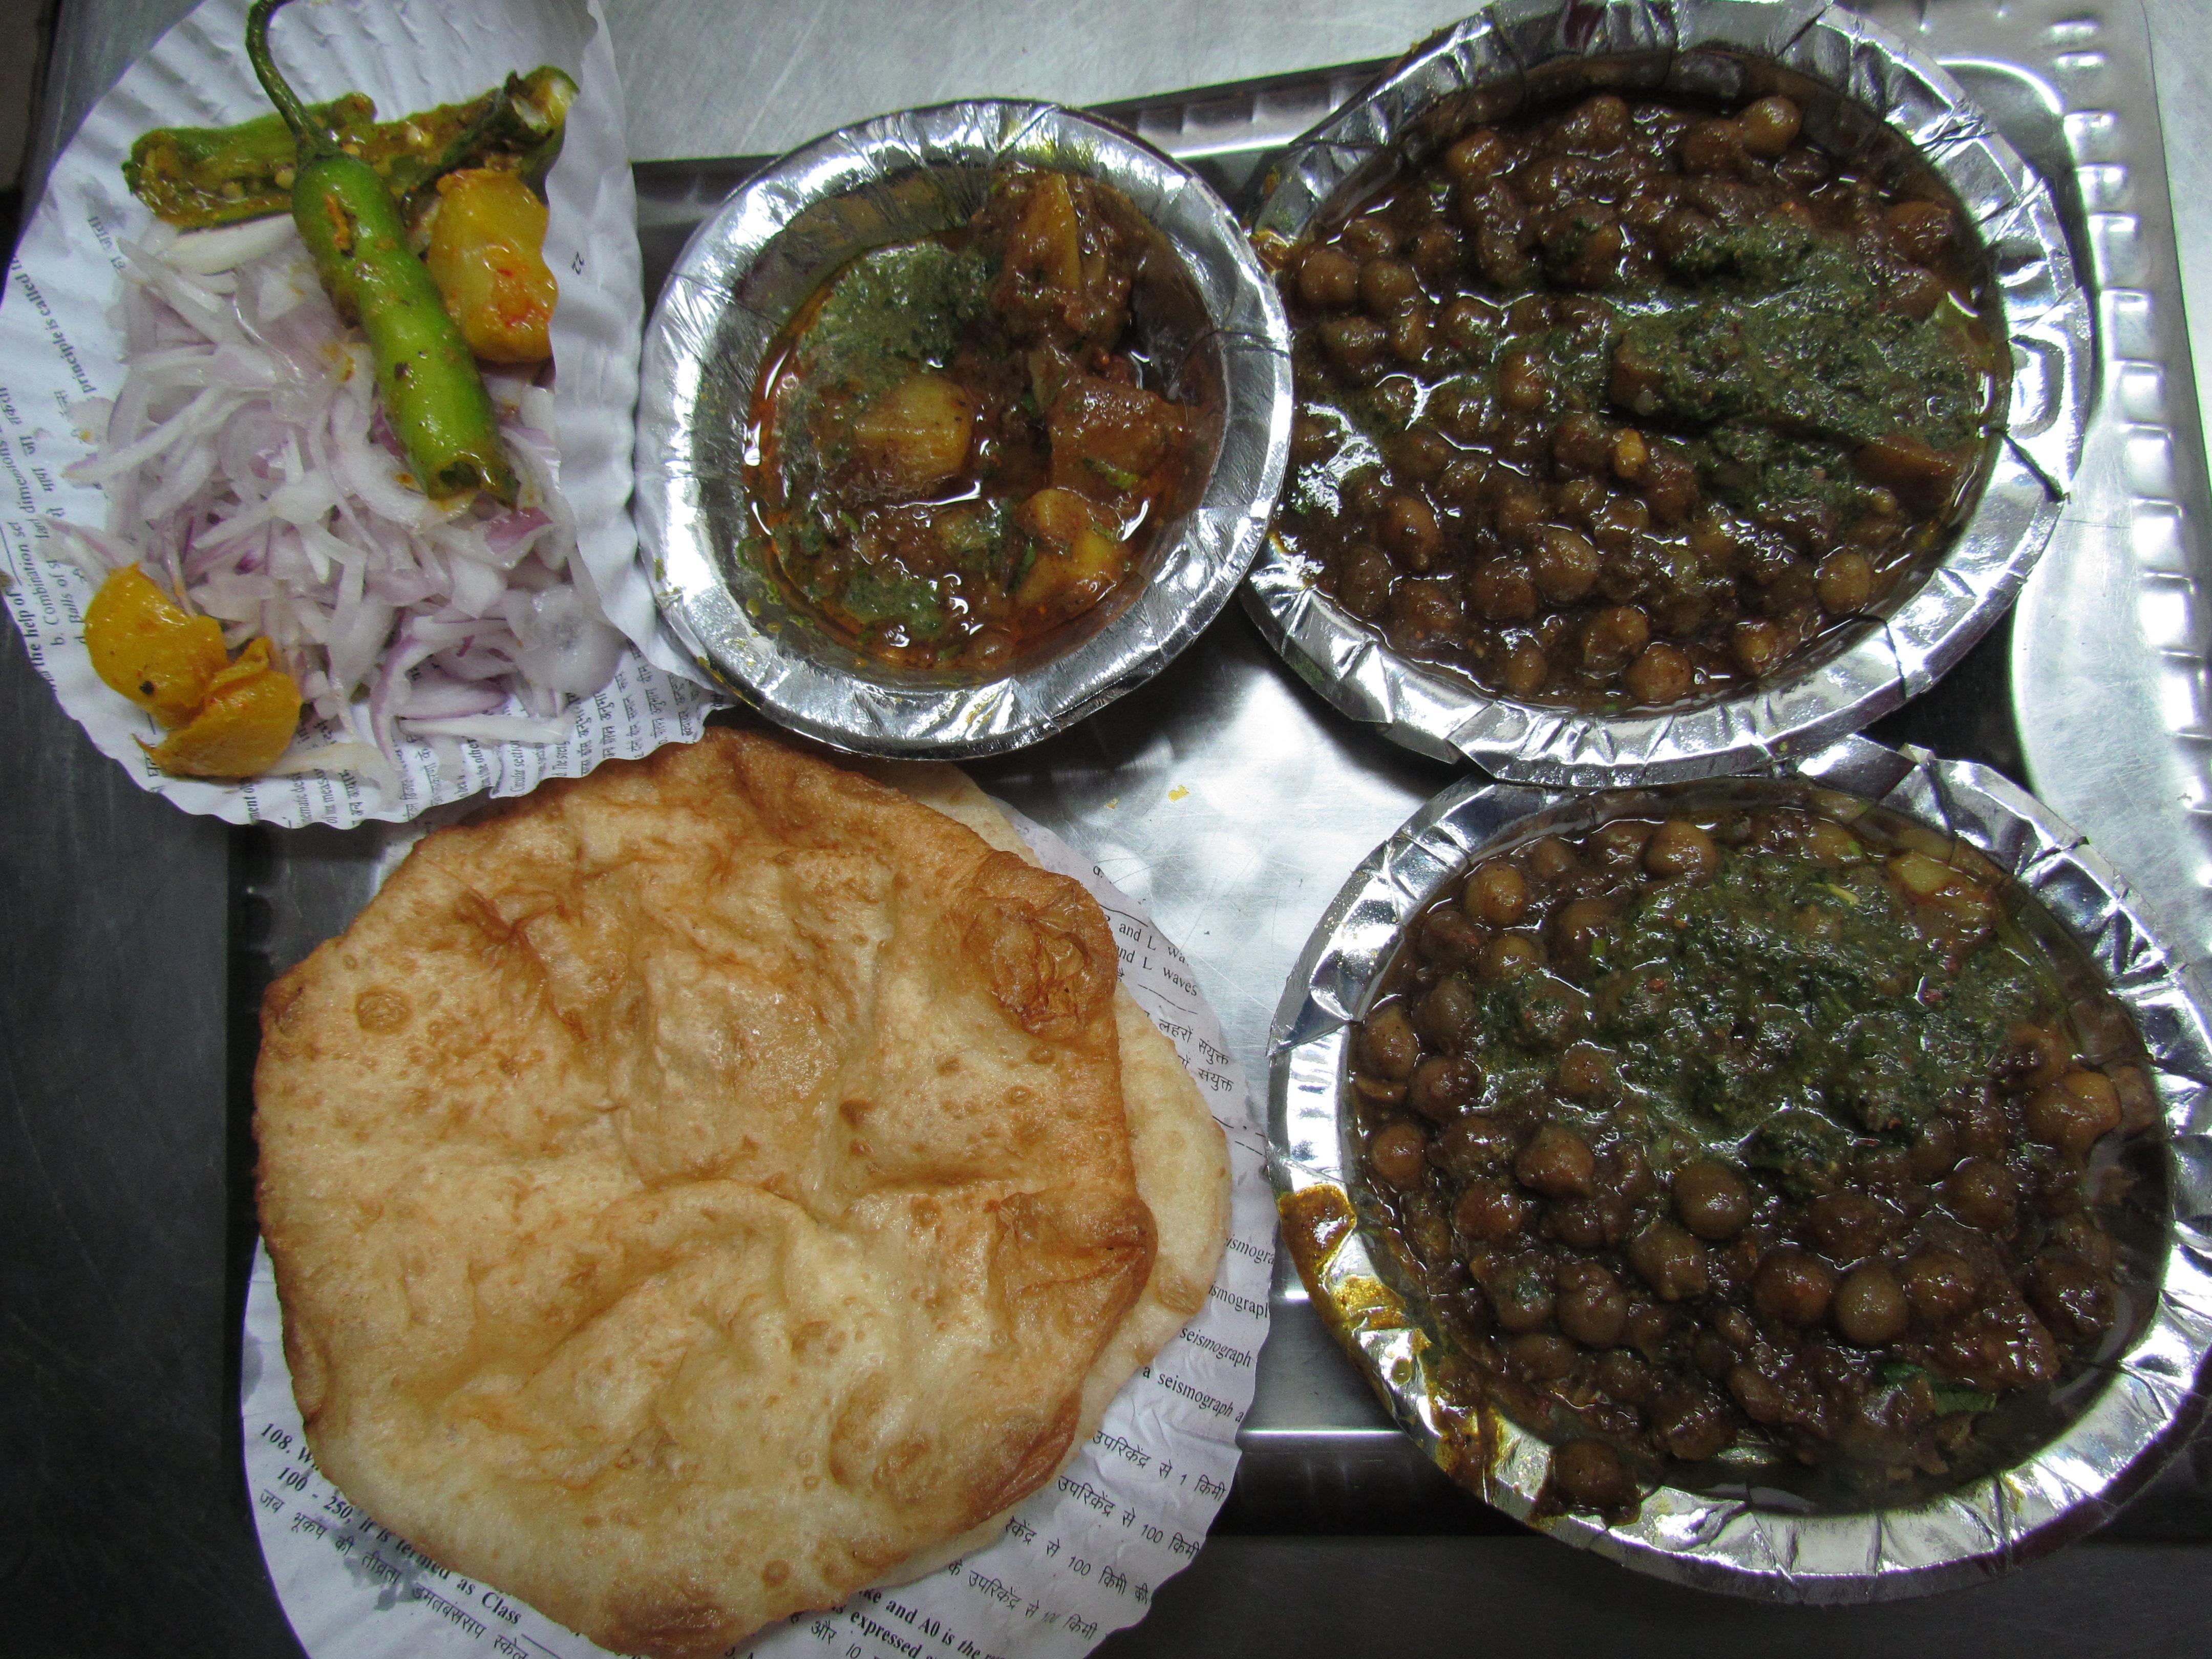 source: street food - DelhiPedia